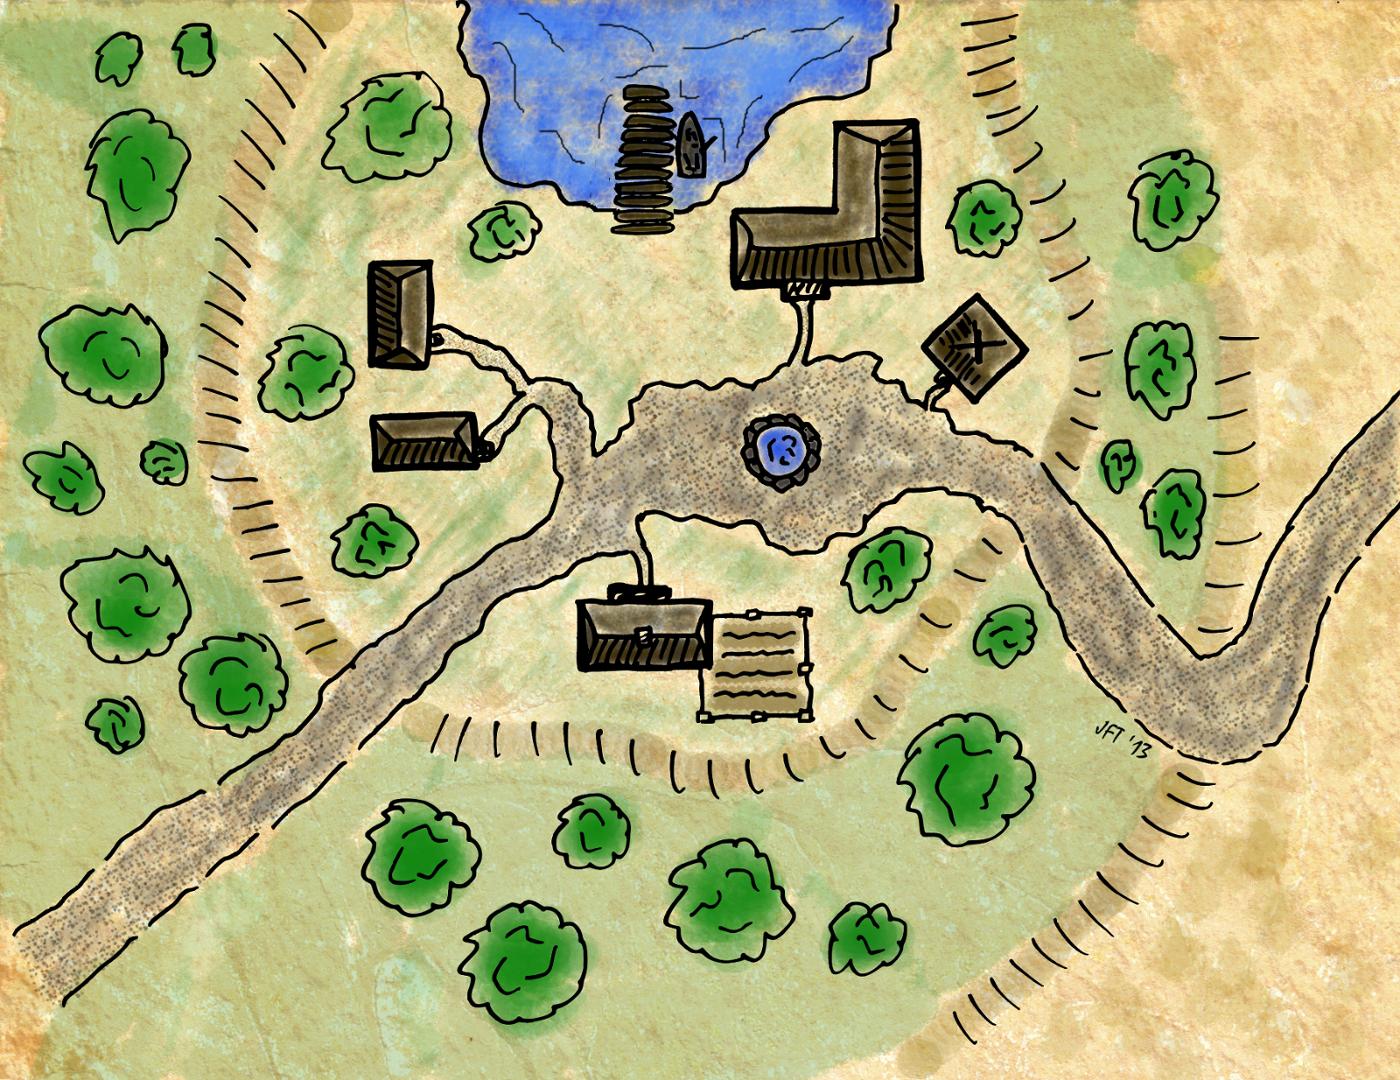 Deerpond Village